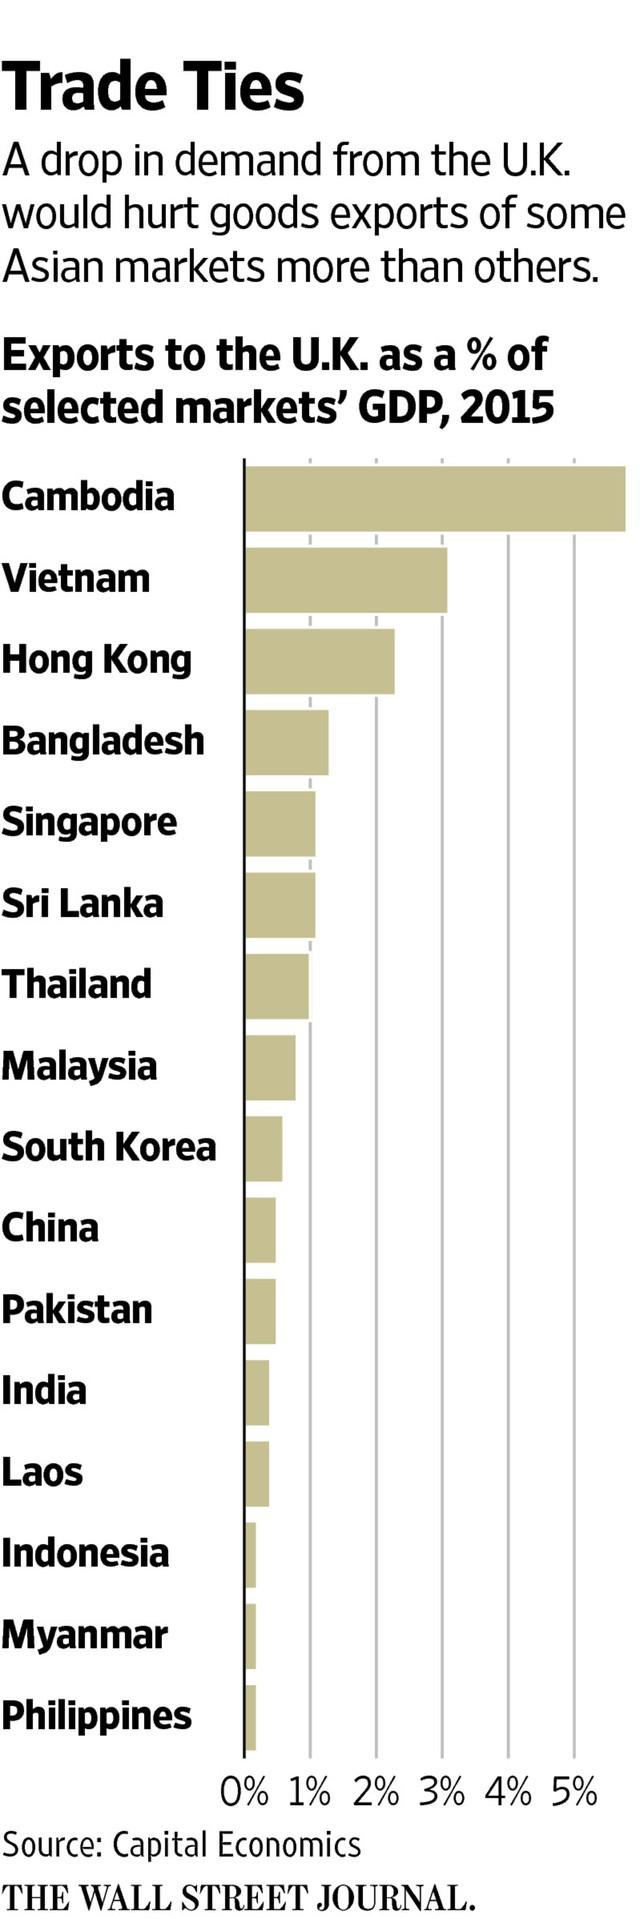 Tổng kim ngạch xuất khẩu sang Anh của các nước Châu Á tính bằng %GDP.